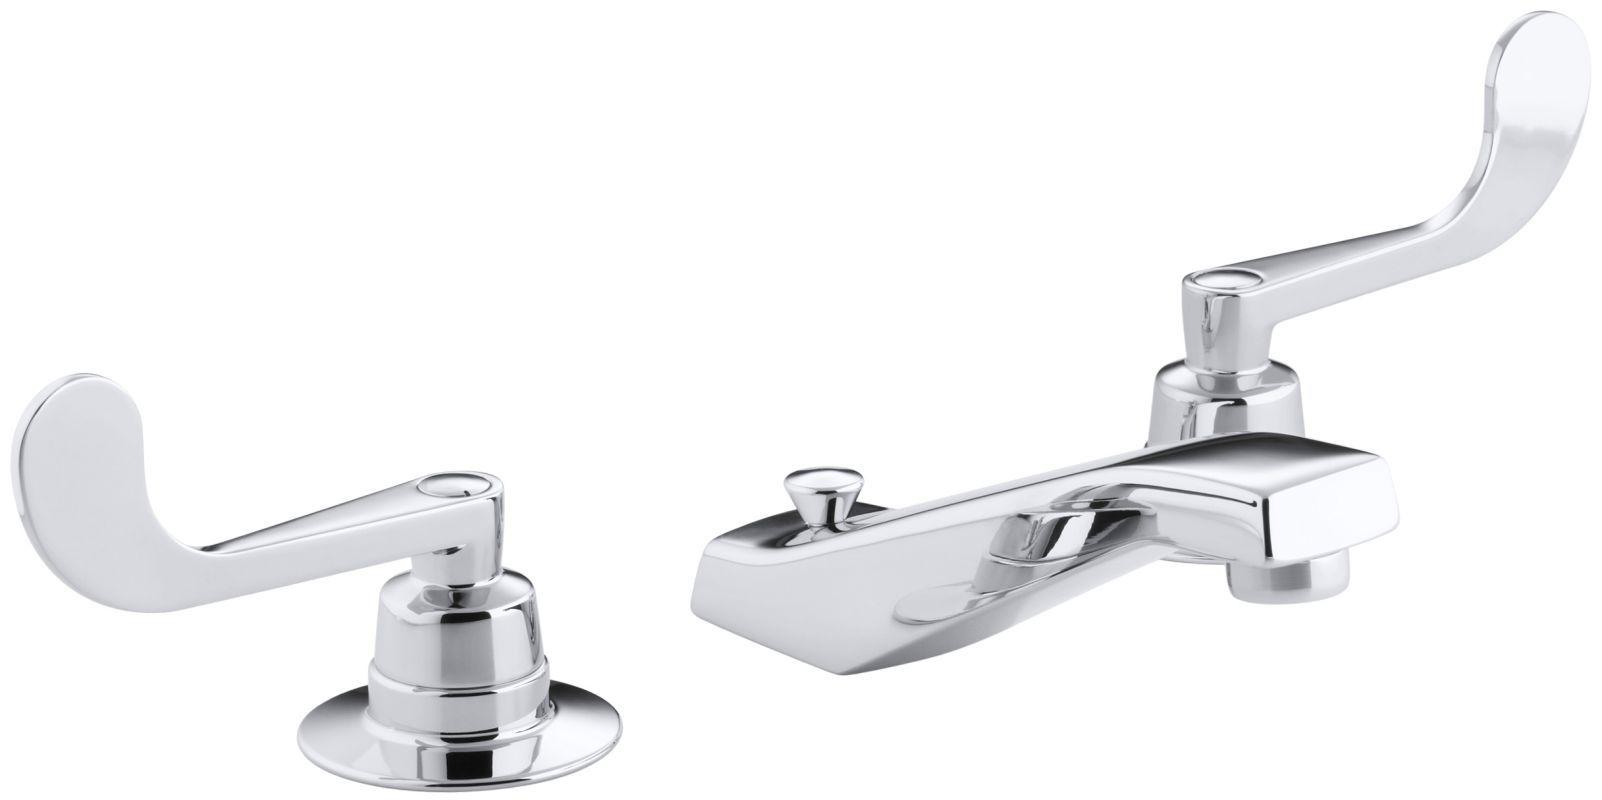 Kohler K-7471-K Triton Widespread Bathroom Faucet Less Handles - Free Metal Pop- Polished Chrome Faucet Lavatory Double Handle